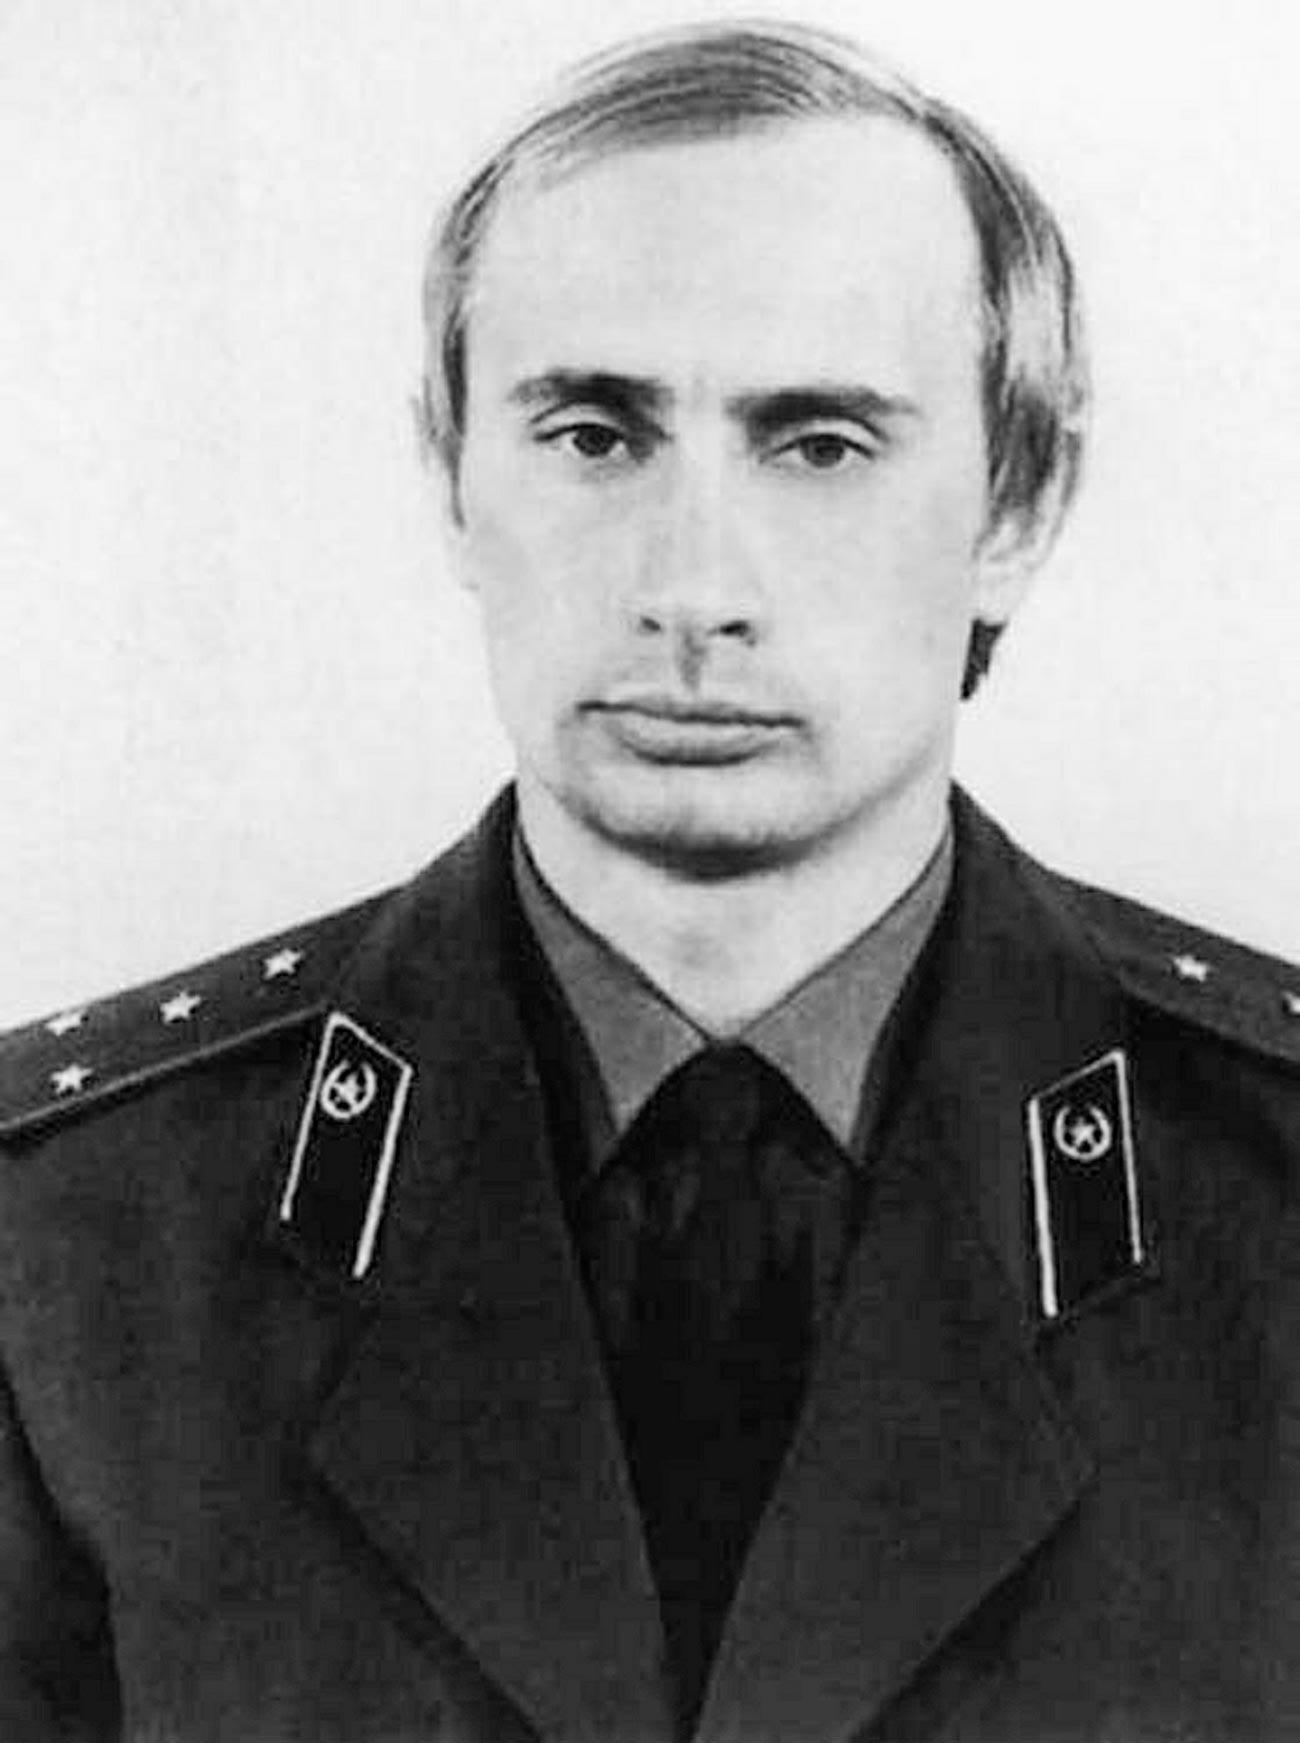 KGB職員だった頃のウラジーミル・プーチン